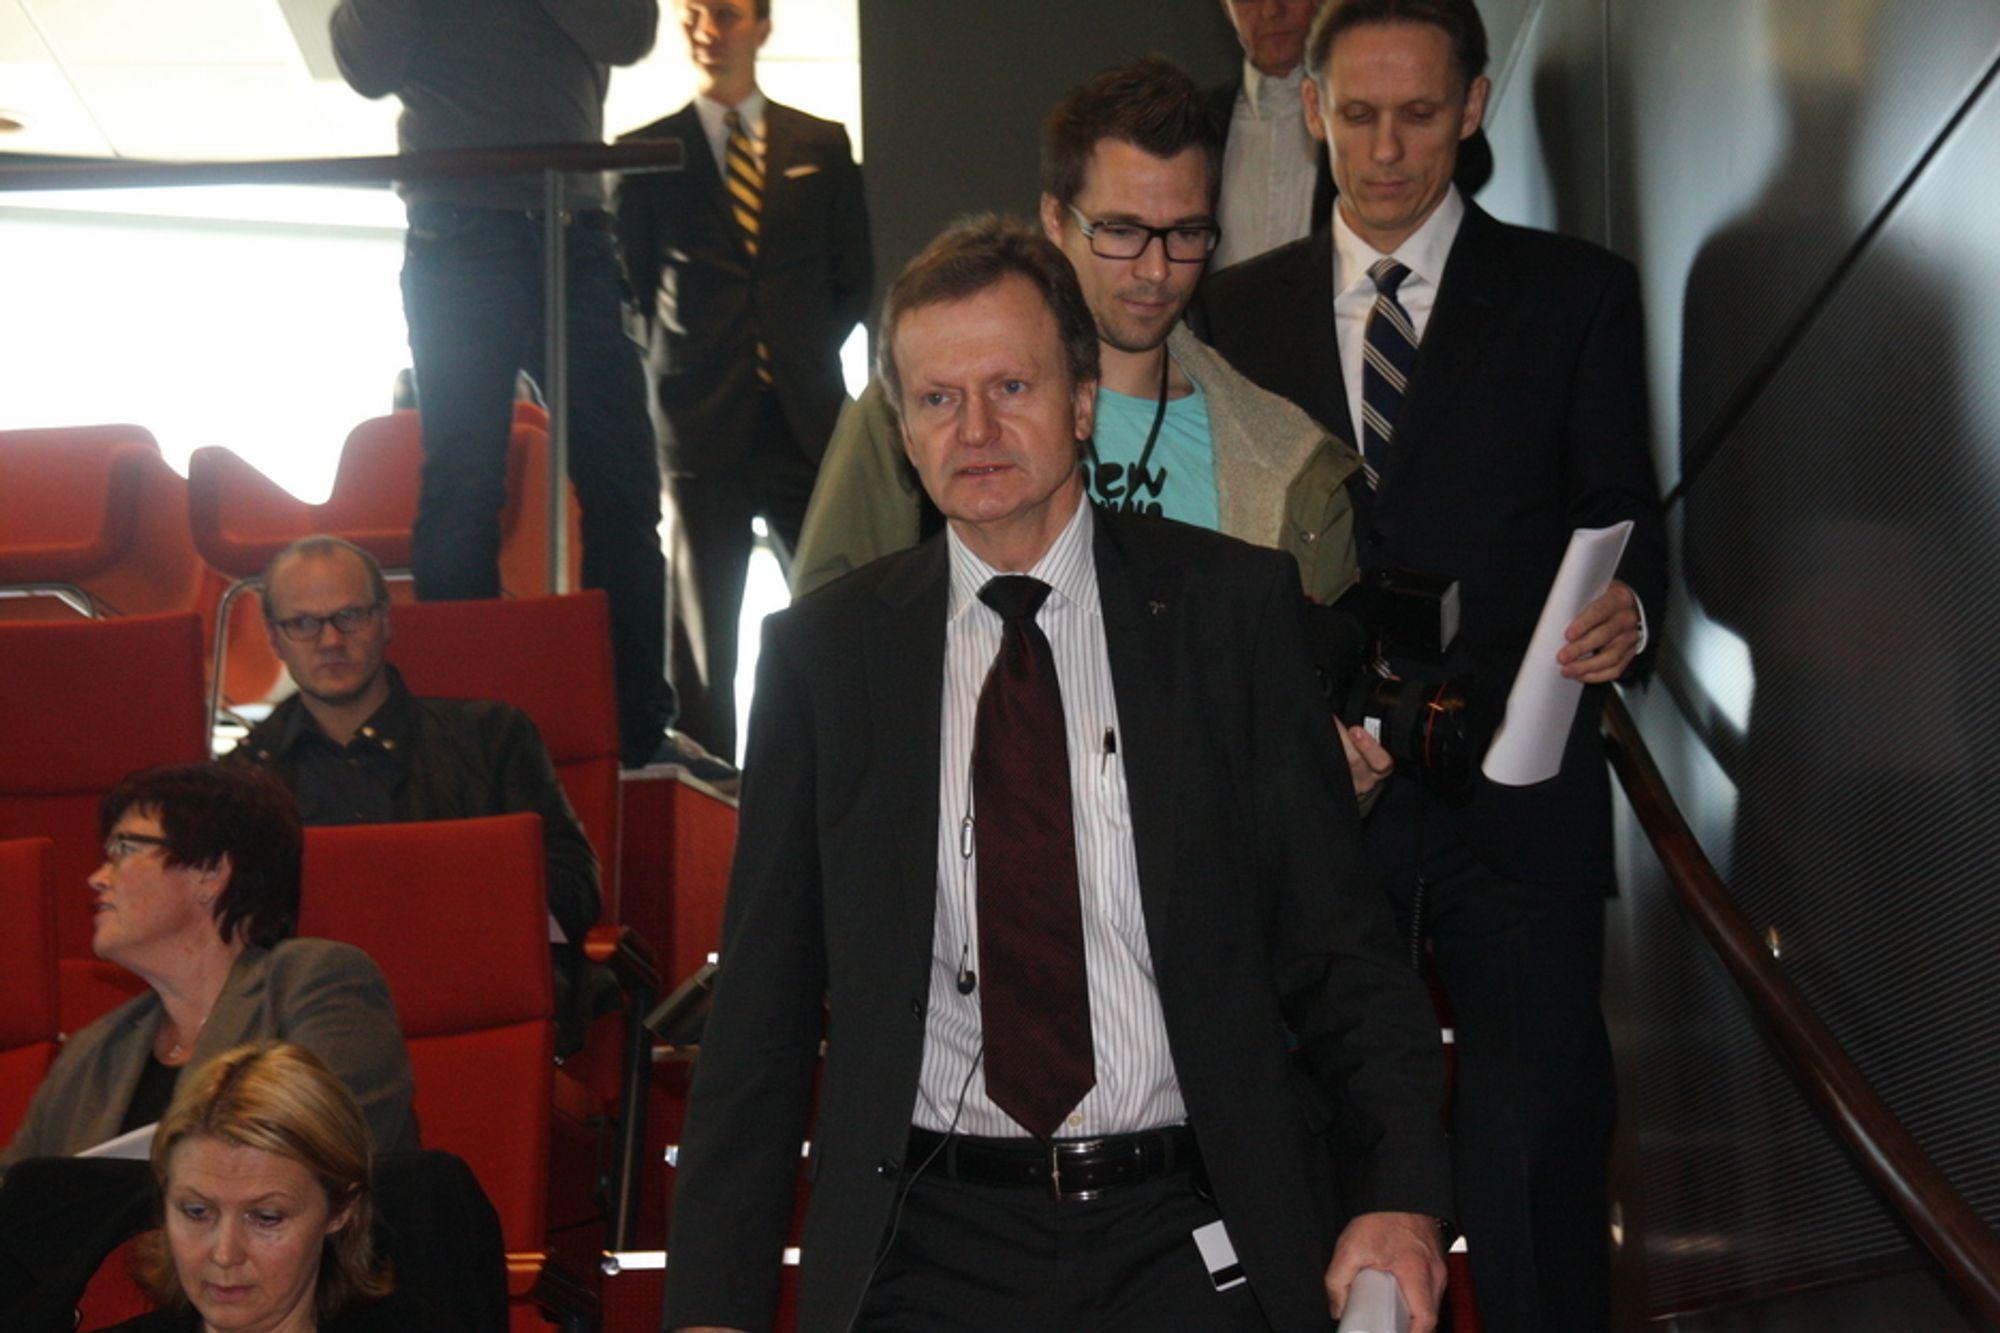 Telenors konsernsjef Jon Fredrik Baksaas vet ikke helt hvordan konflikten med Farimex skal løses. Og Farimex har ingen planer om å trekke sitt søksmål.